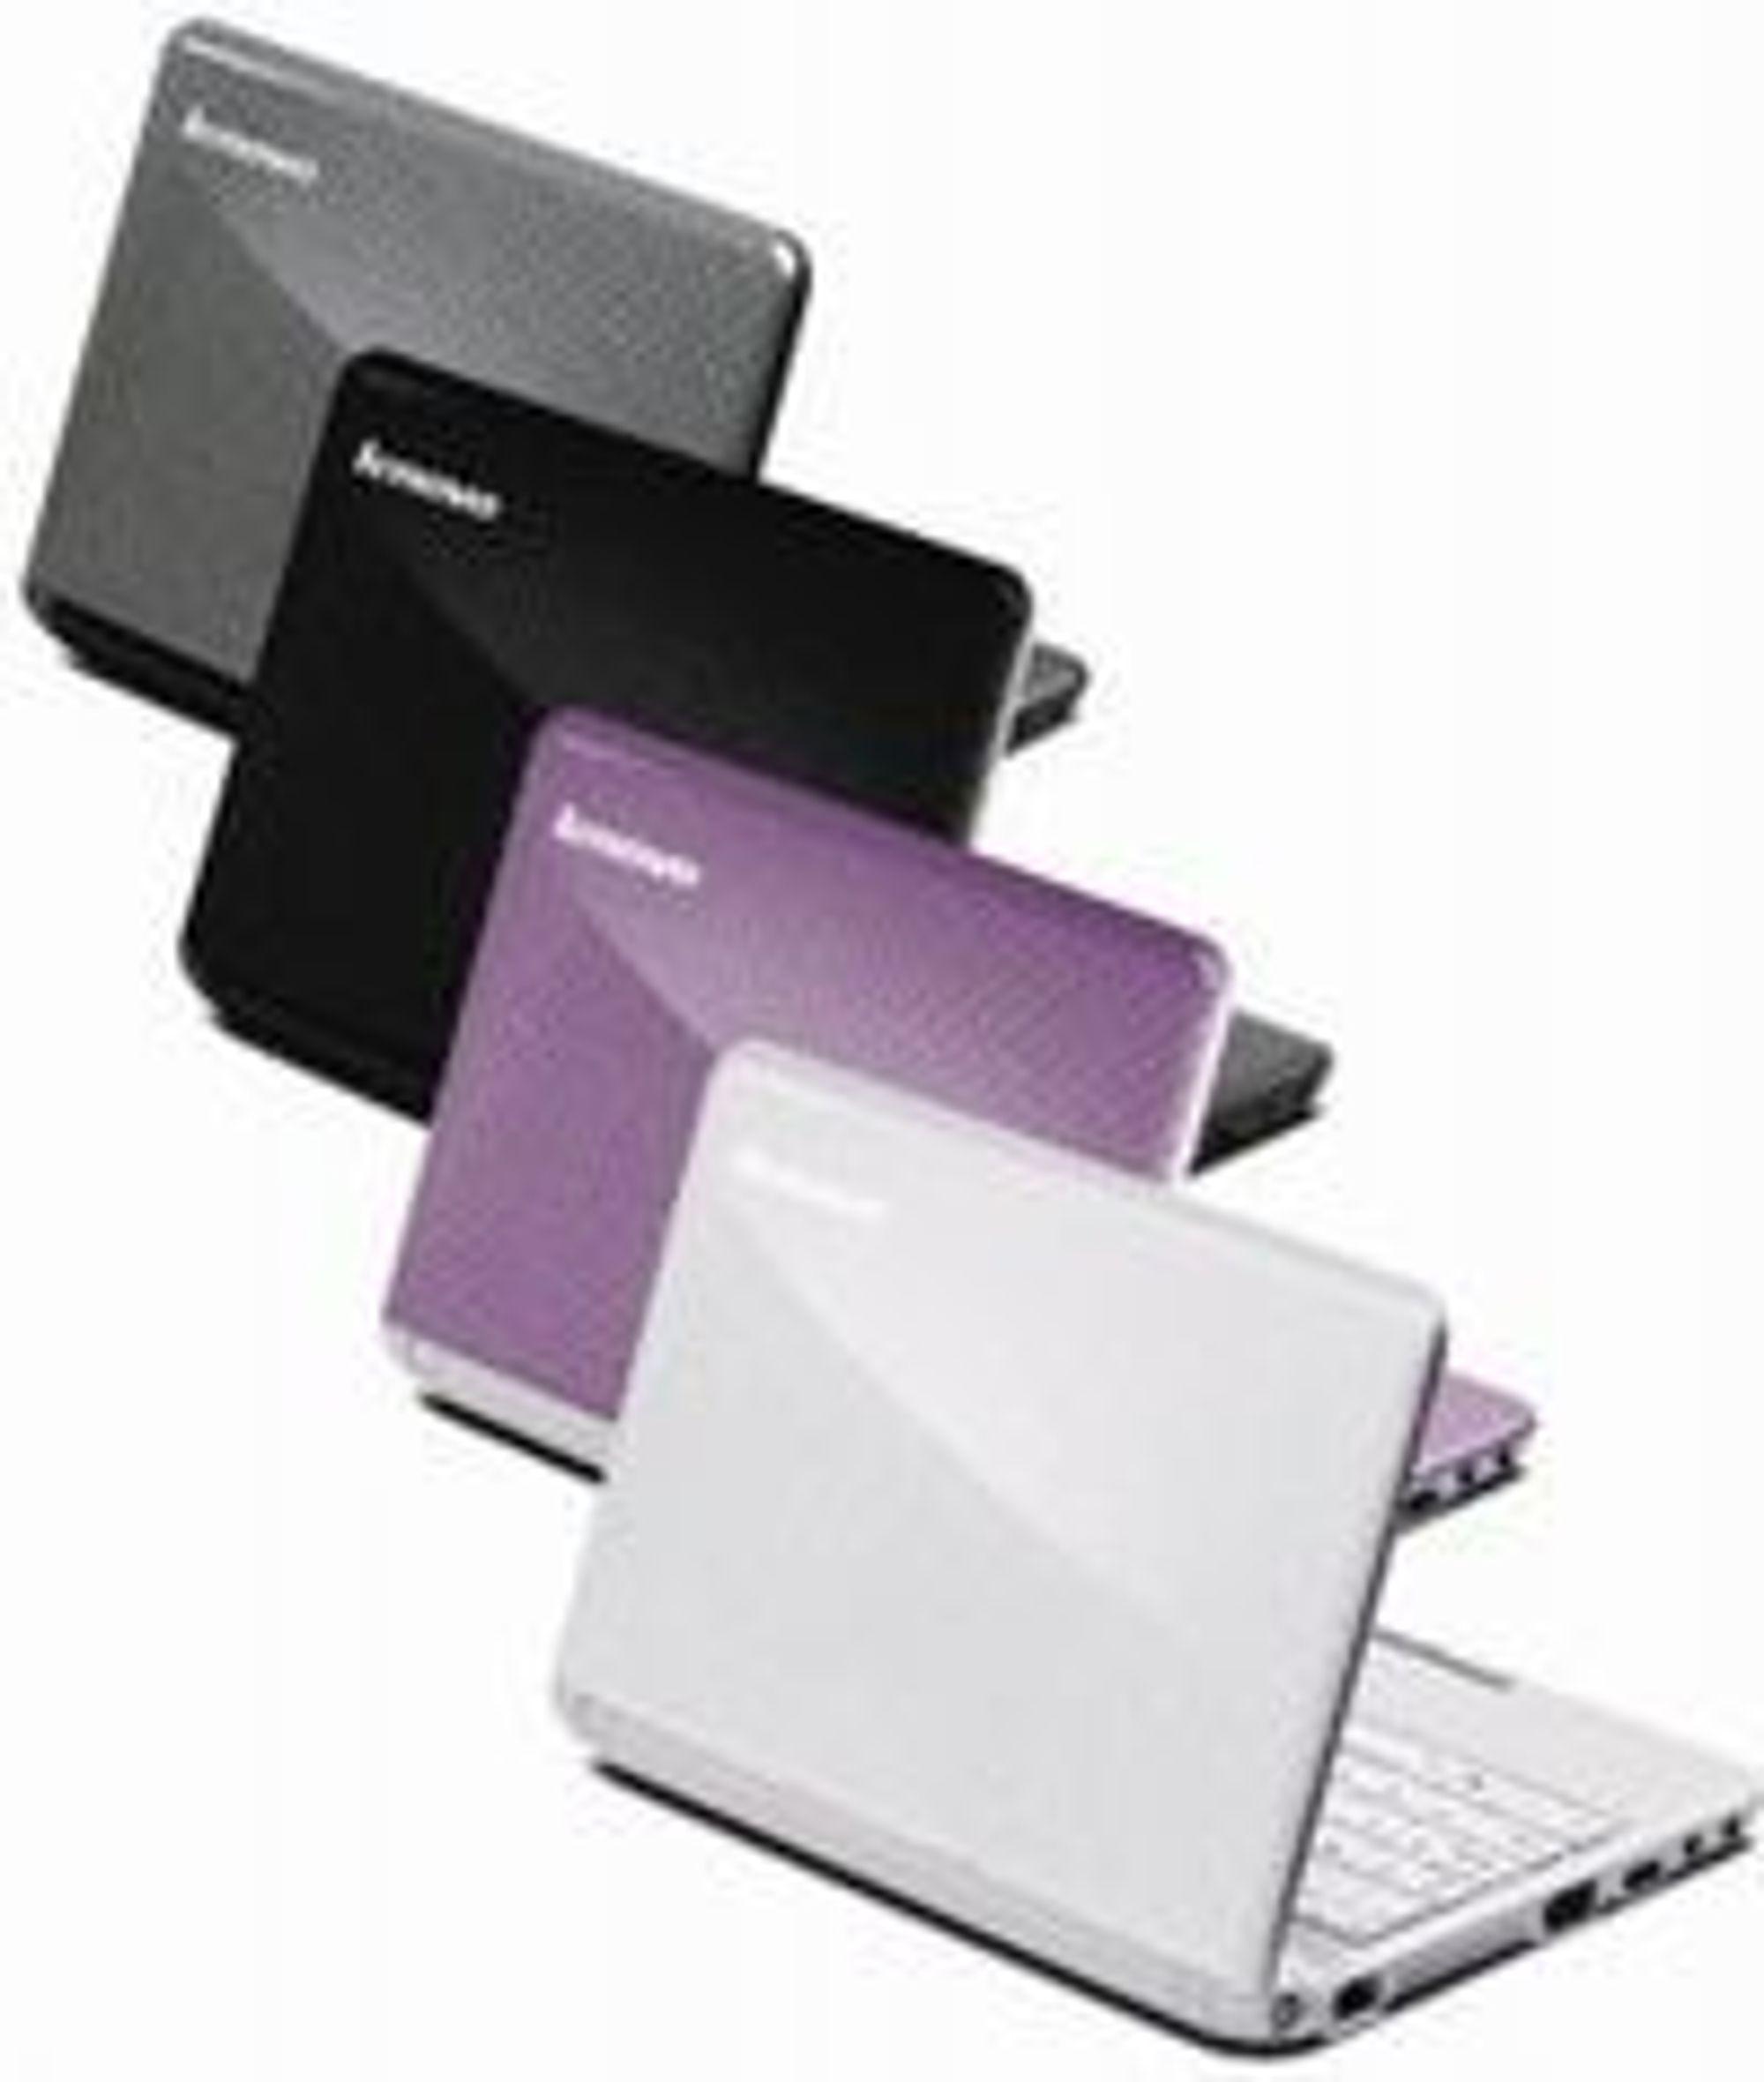 Lenovo S10-2 tilbys i grå, sort, rosa eller hvit utførelse.